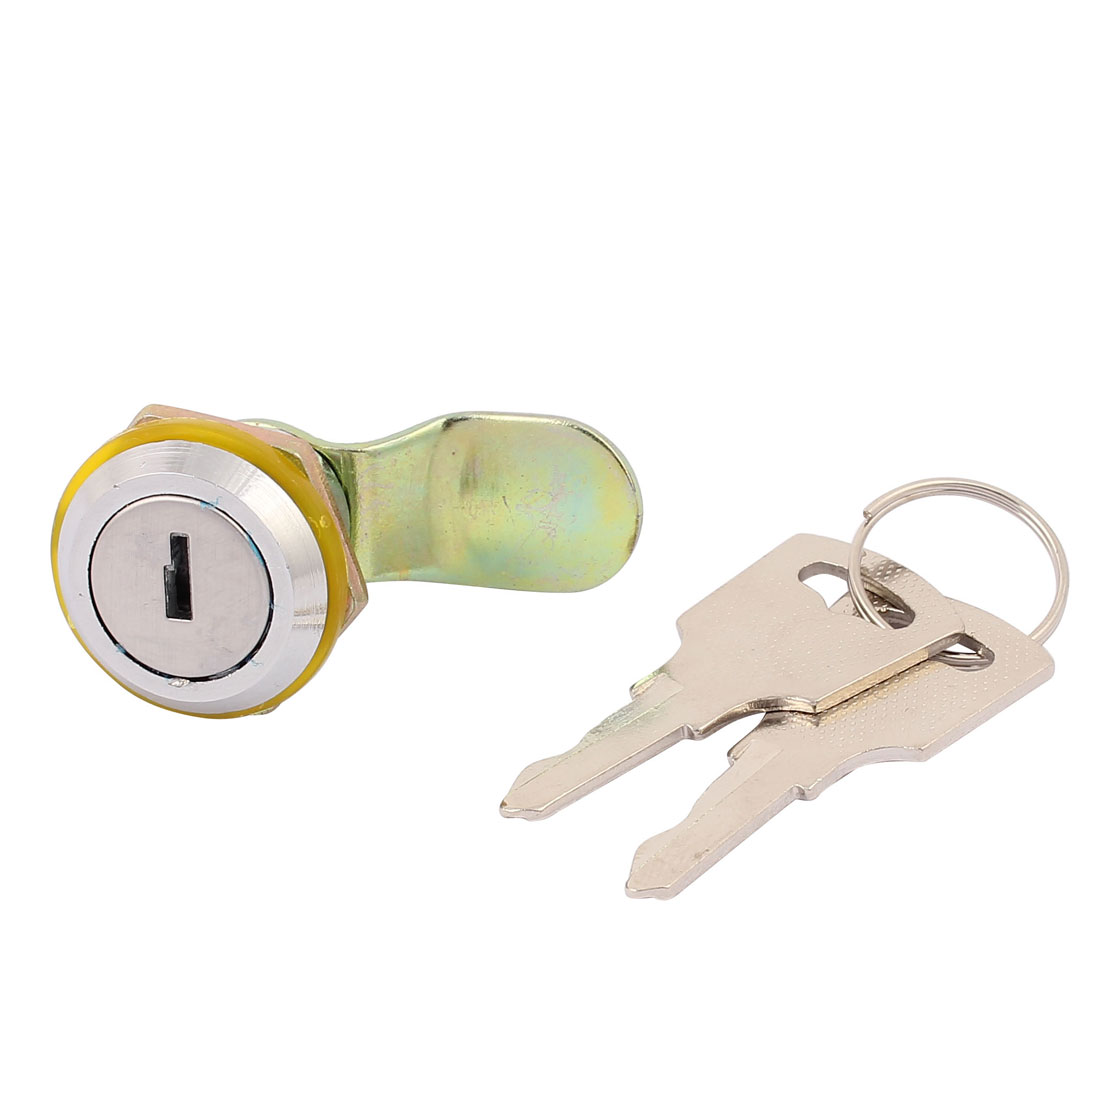 17.5mm Thread Dia Closet Drawer Toolbox Tubular Security Cam Lock w 2 Keys